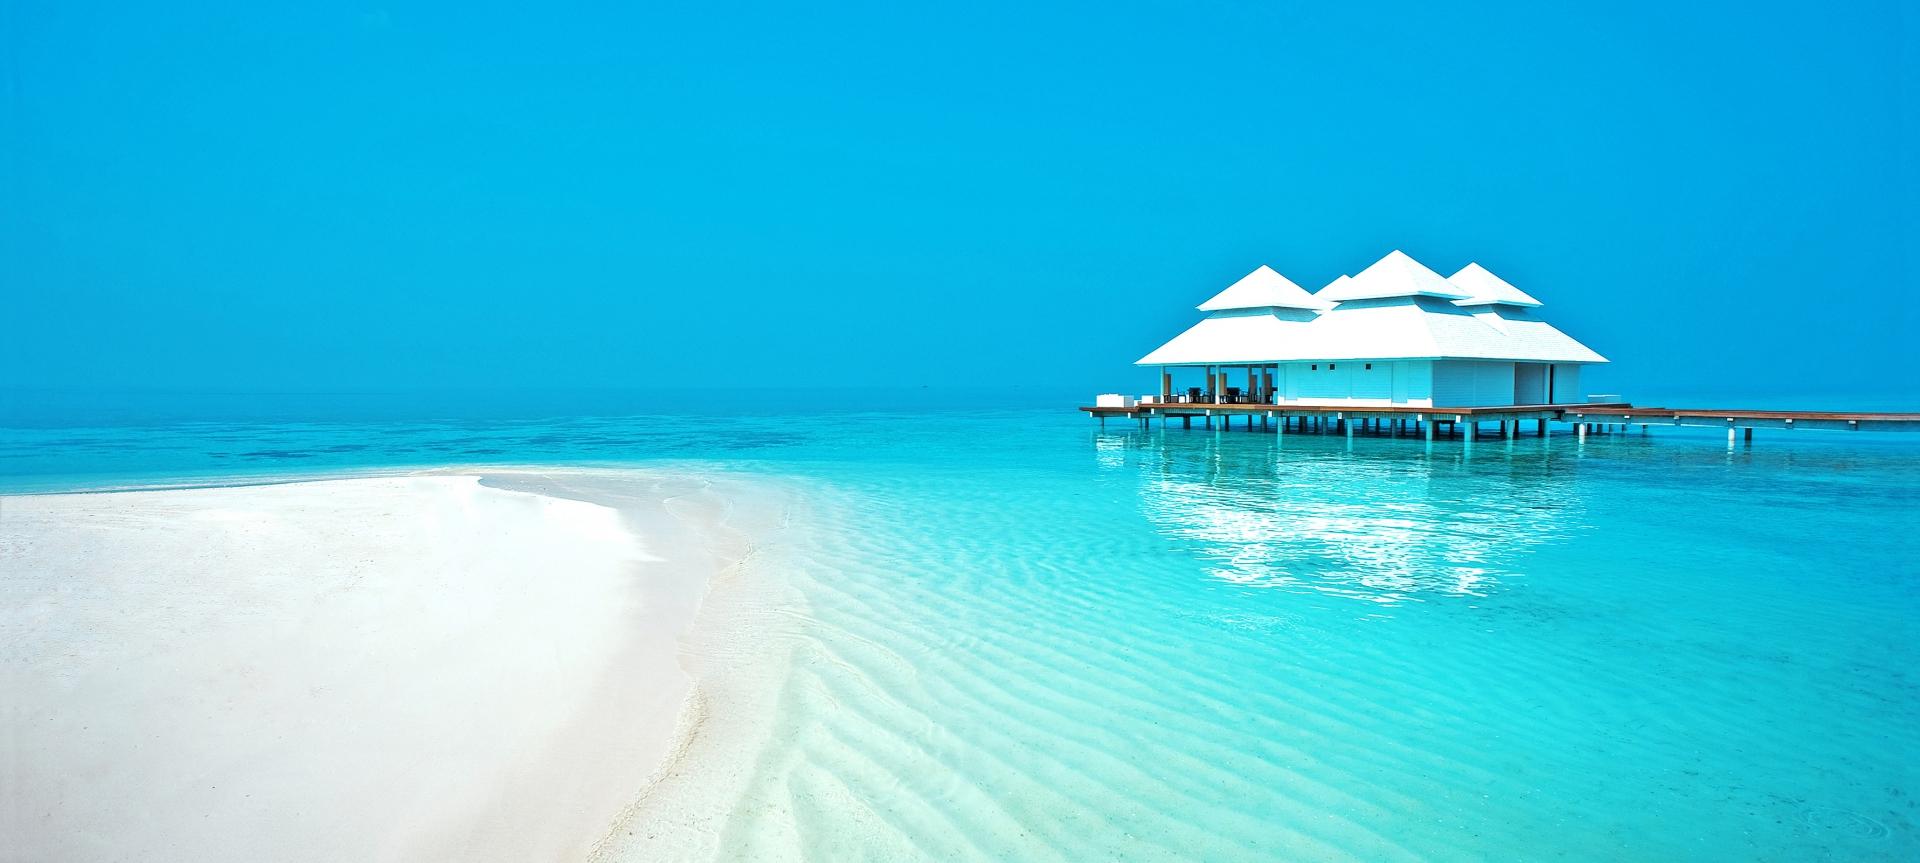 Купить электронные авиабилеты на Мальдивы